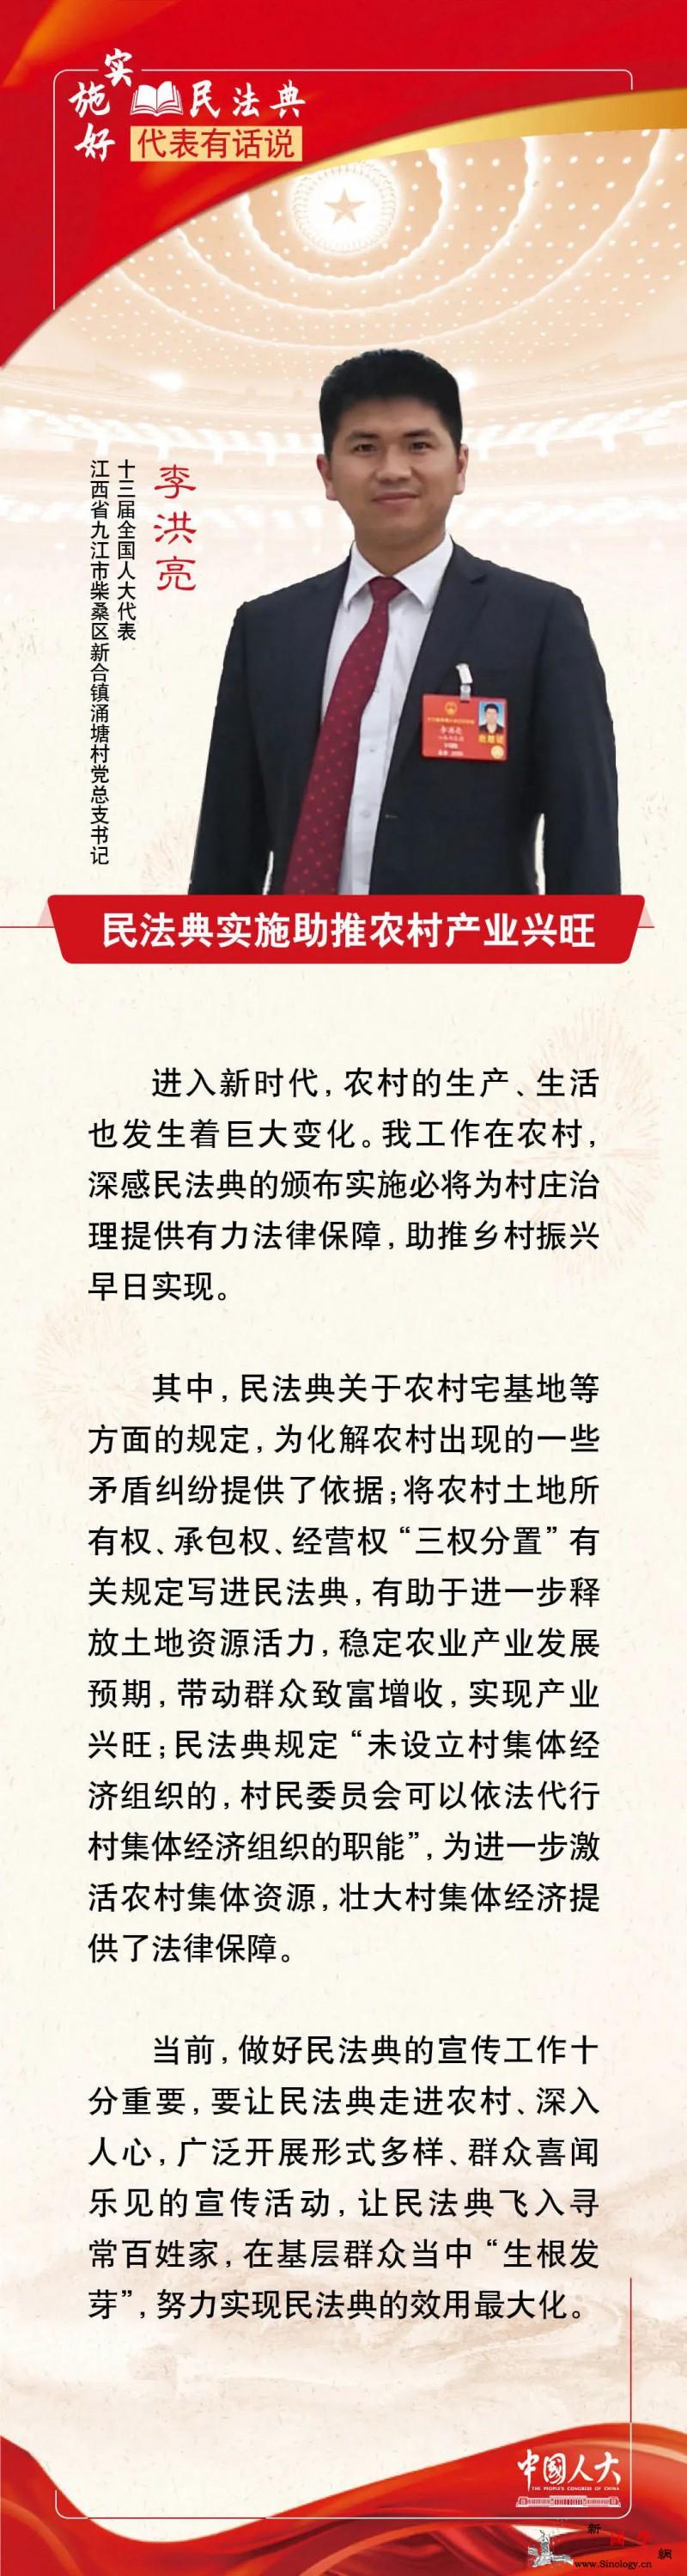 李洪亮:民法典实施助推农村产业兴旺_文案-编辑-民法典-